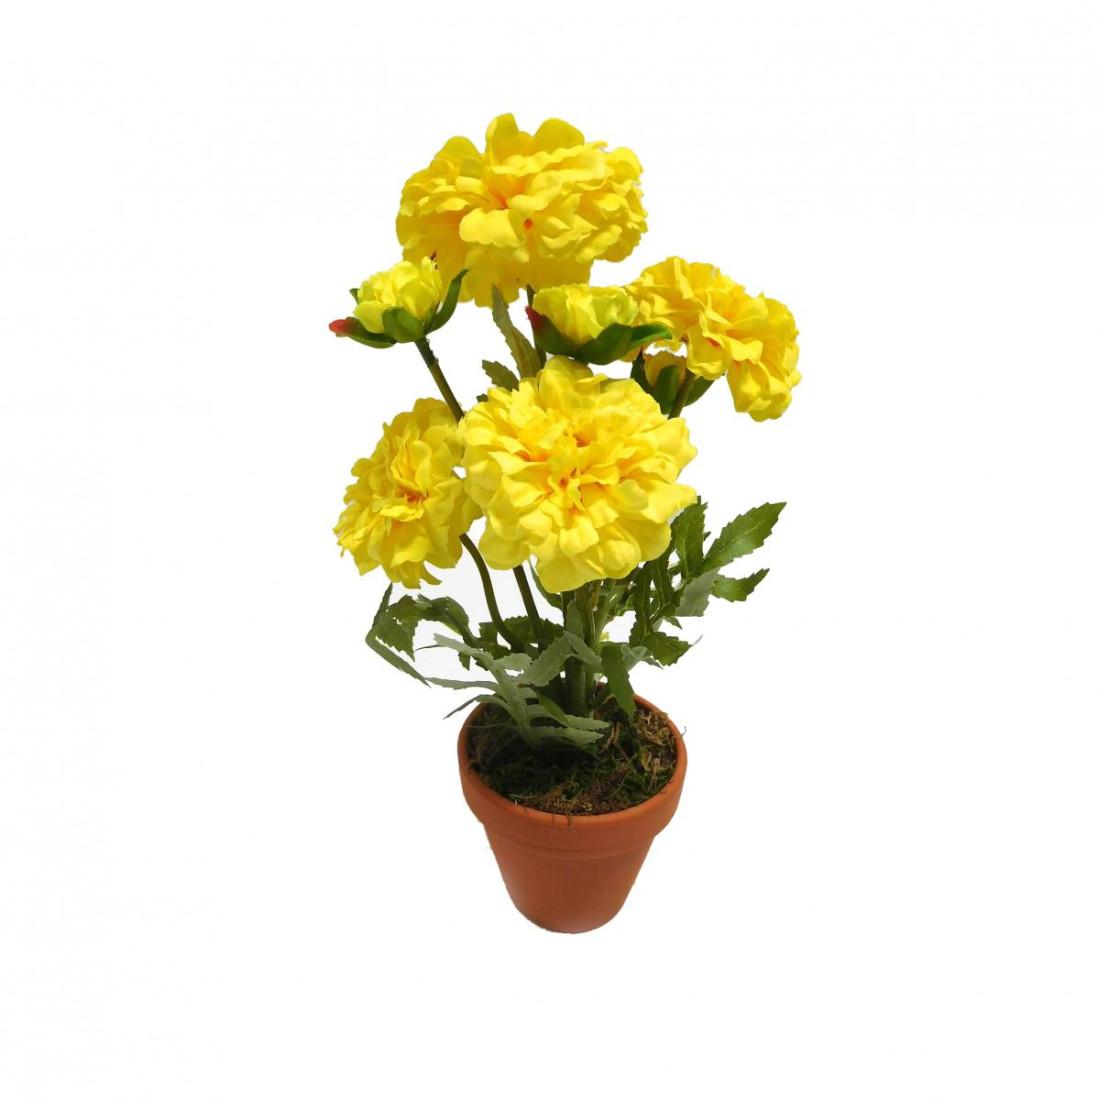 Zinnie Zinnia Kunstpflanze Kunstblume künstlich 30 cm gelb N-20473-2 im Topf F68